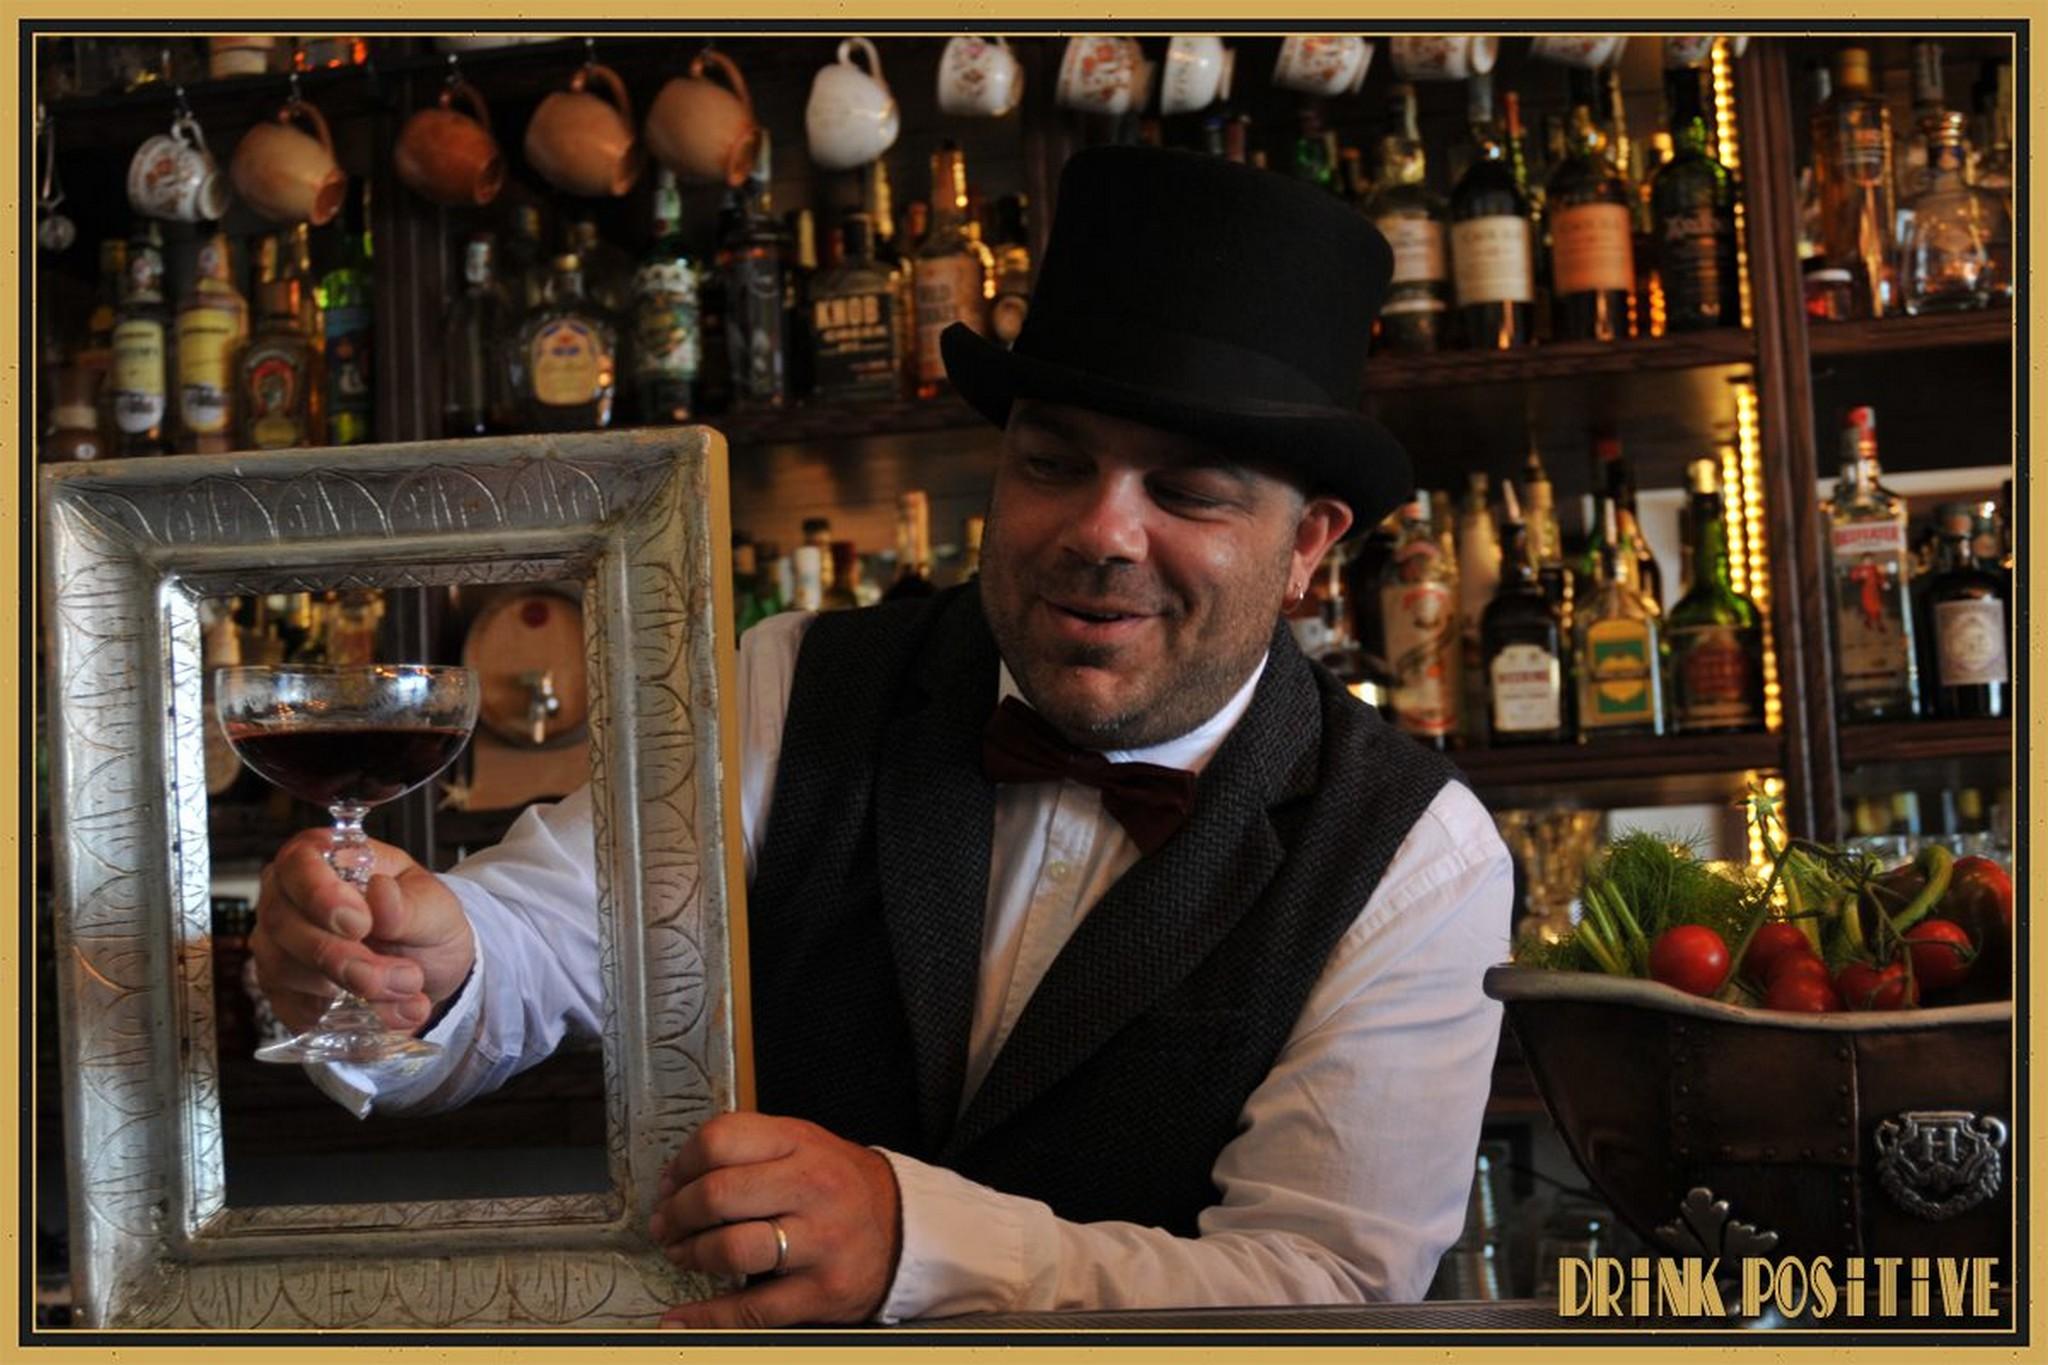 fabio_camboni_Gaeta_Drink_Positive_consulenze__apertura_locali_corsi_barman_014